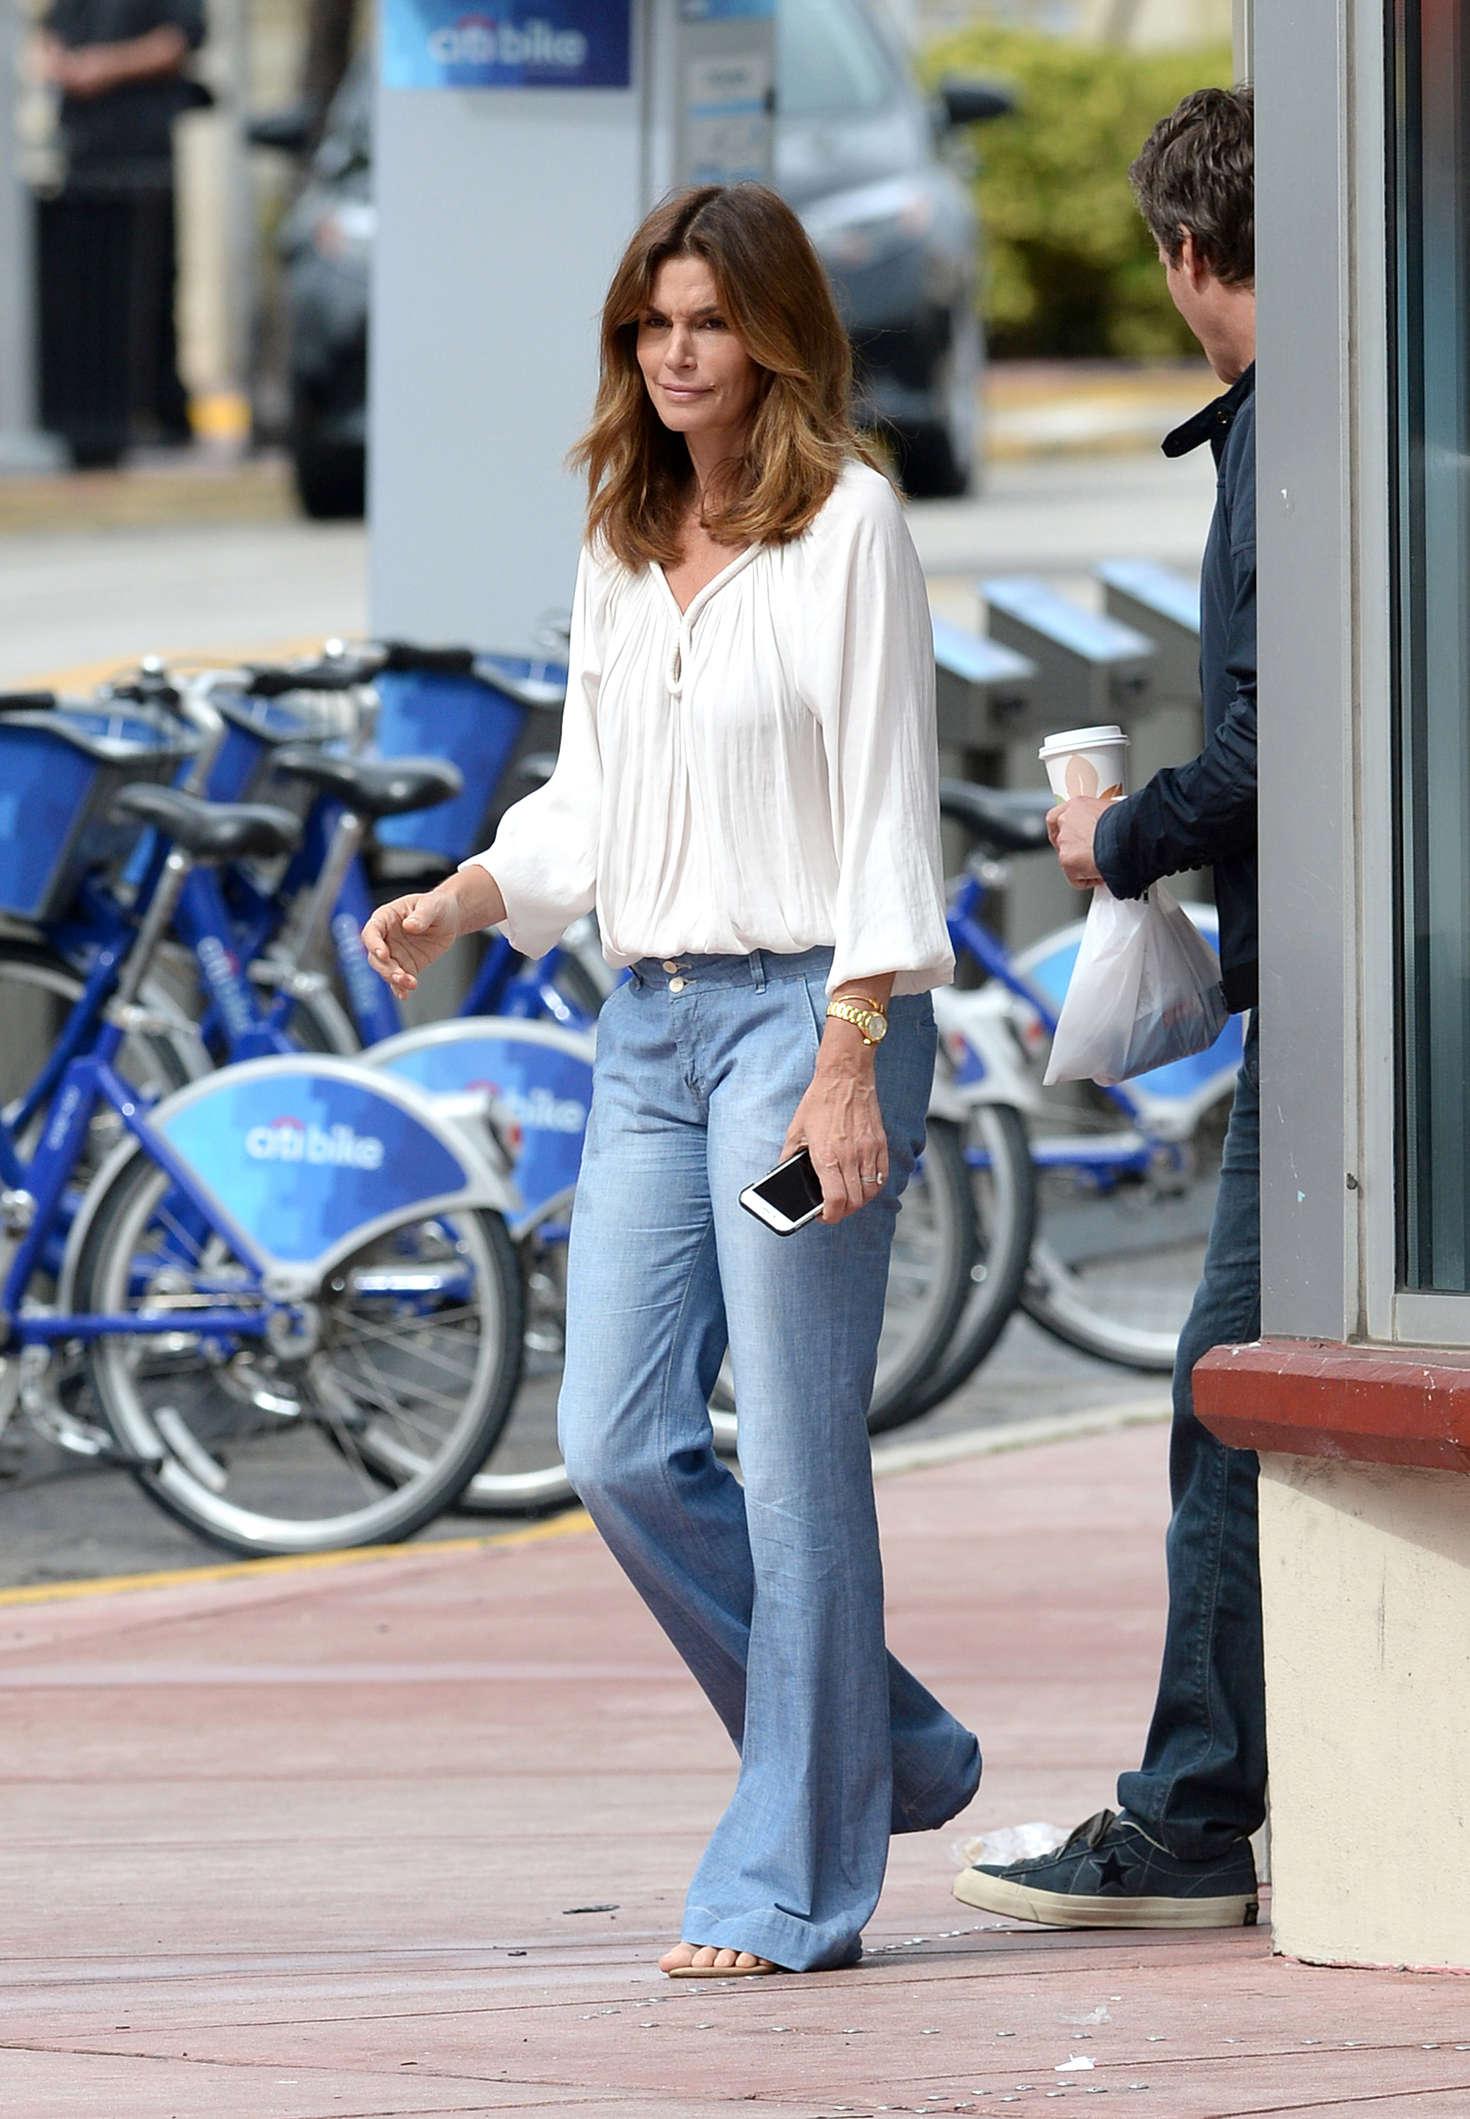 переезжают синди кроуфорд коллекция джинсов фото выяснилось, его тело